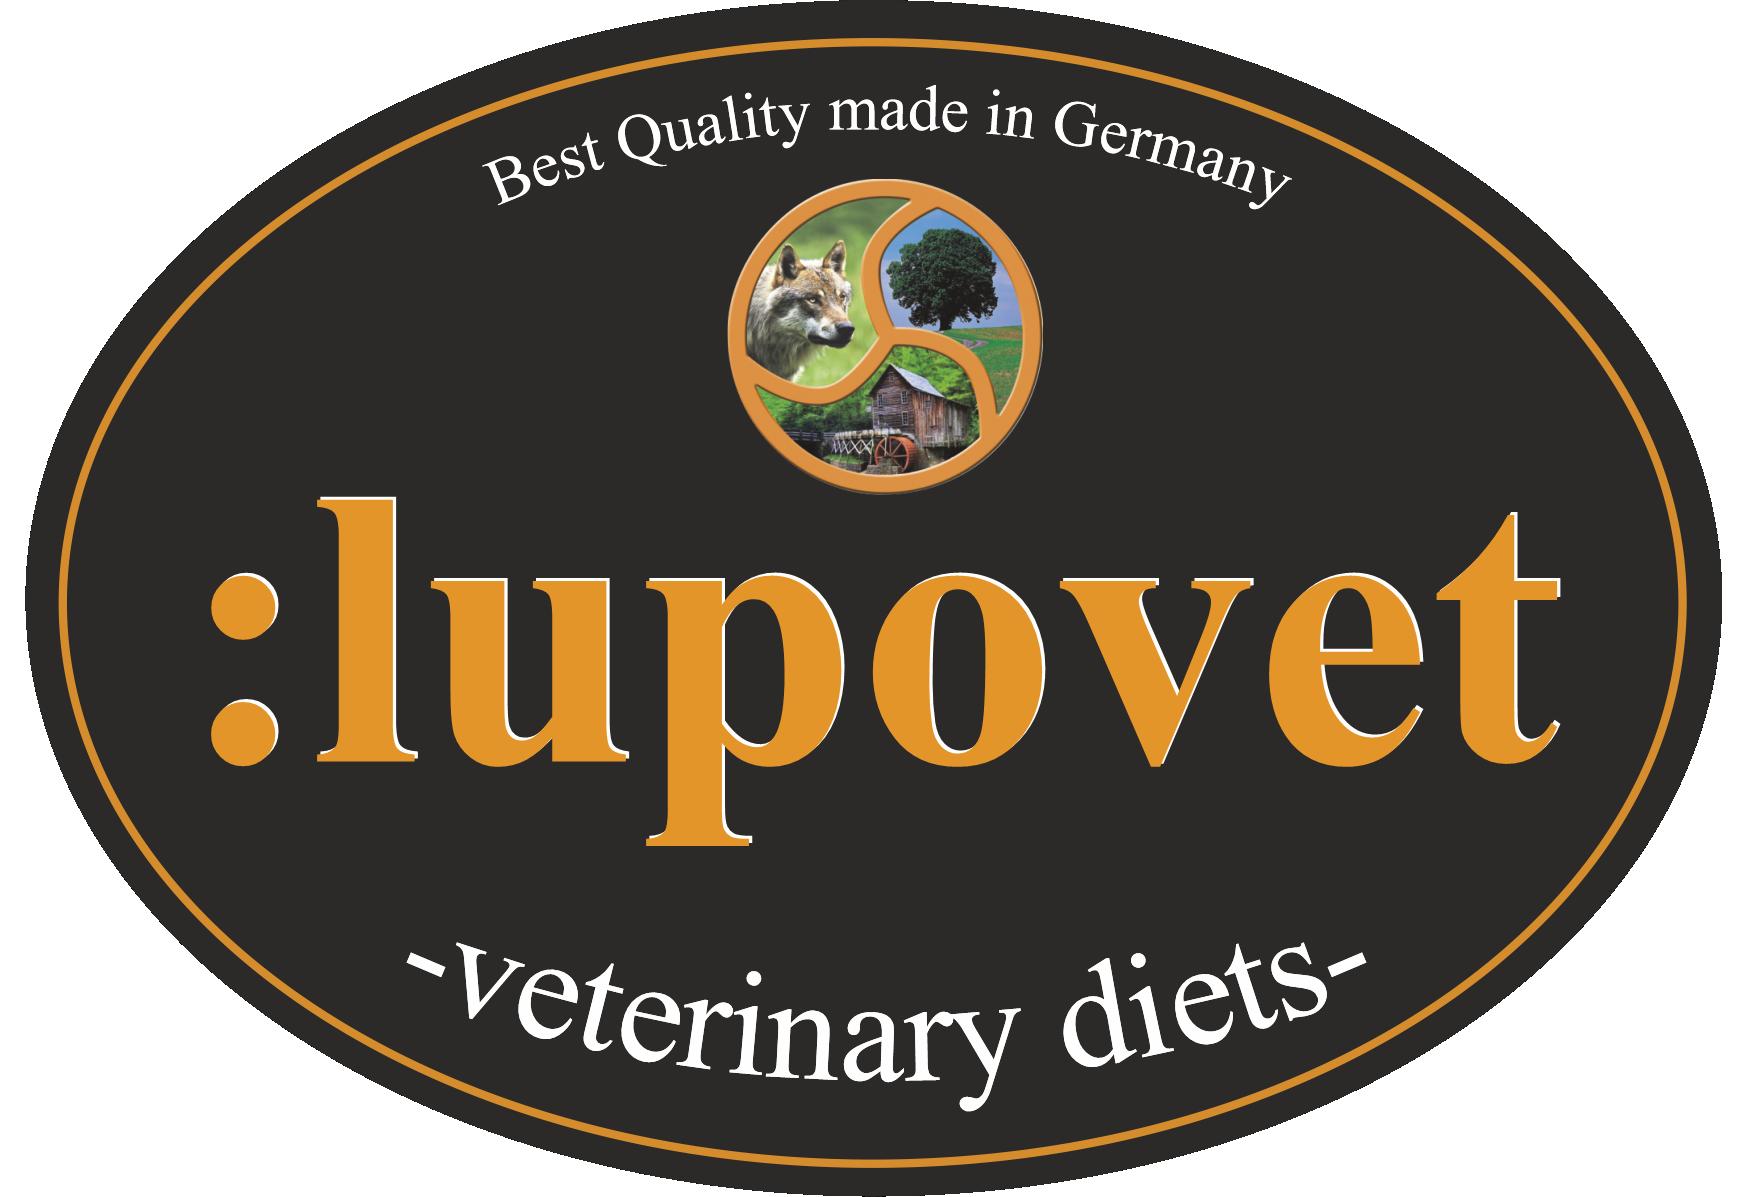 Lupovet | Najlepsza jakość prosto z Niemiec